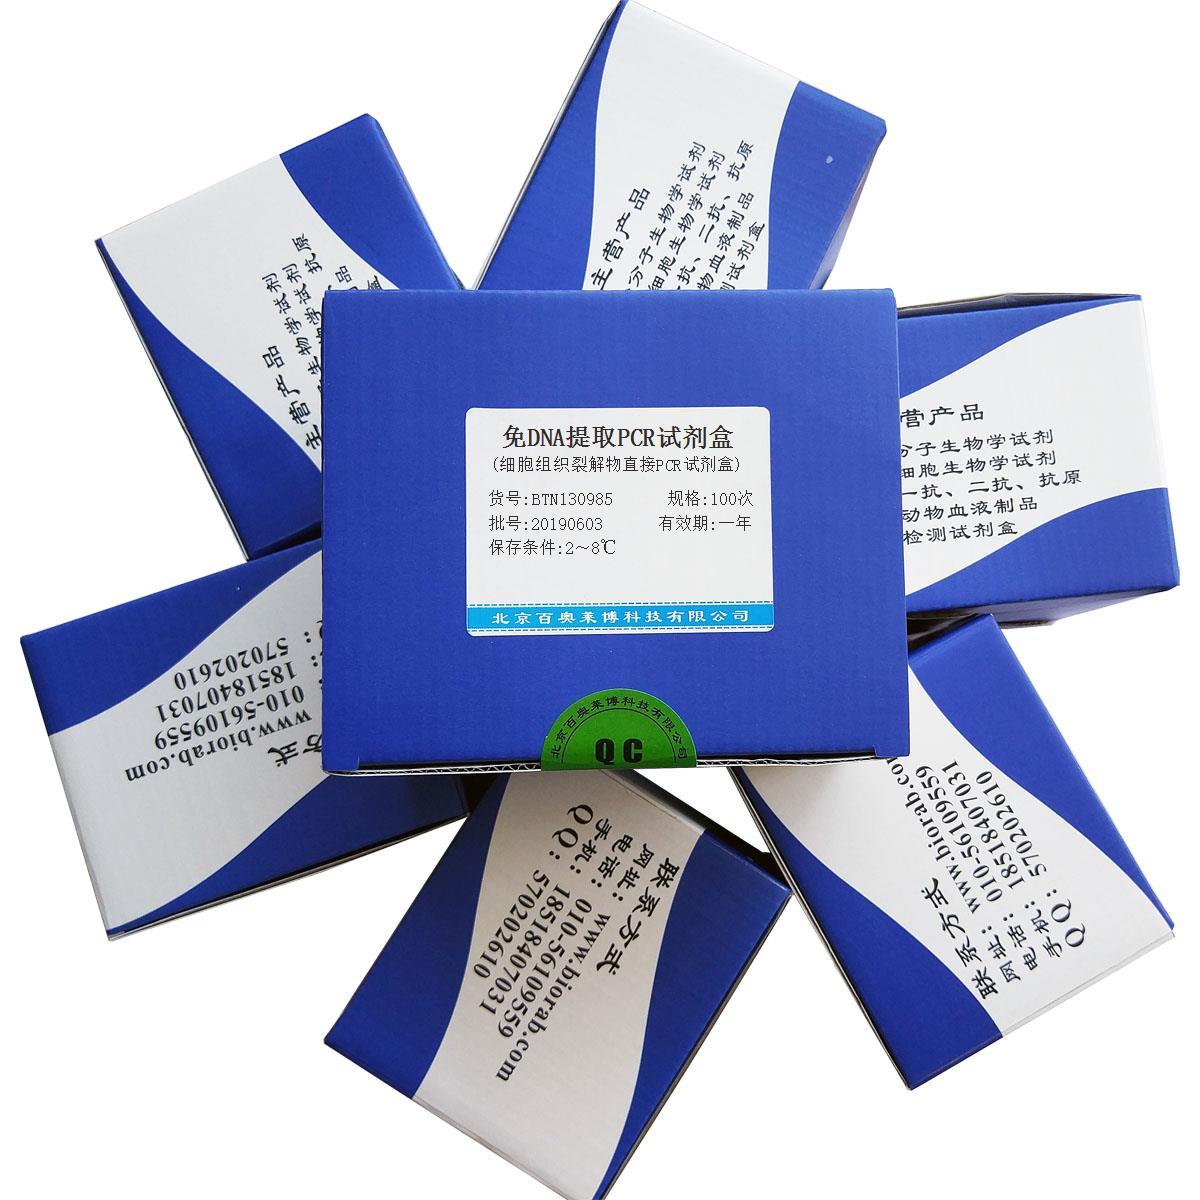 免DNA提取PCR试剂盒(细胞组织裂解物直接PCR试剂盒)